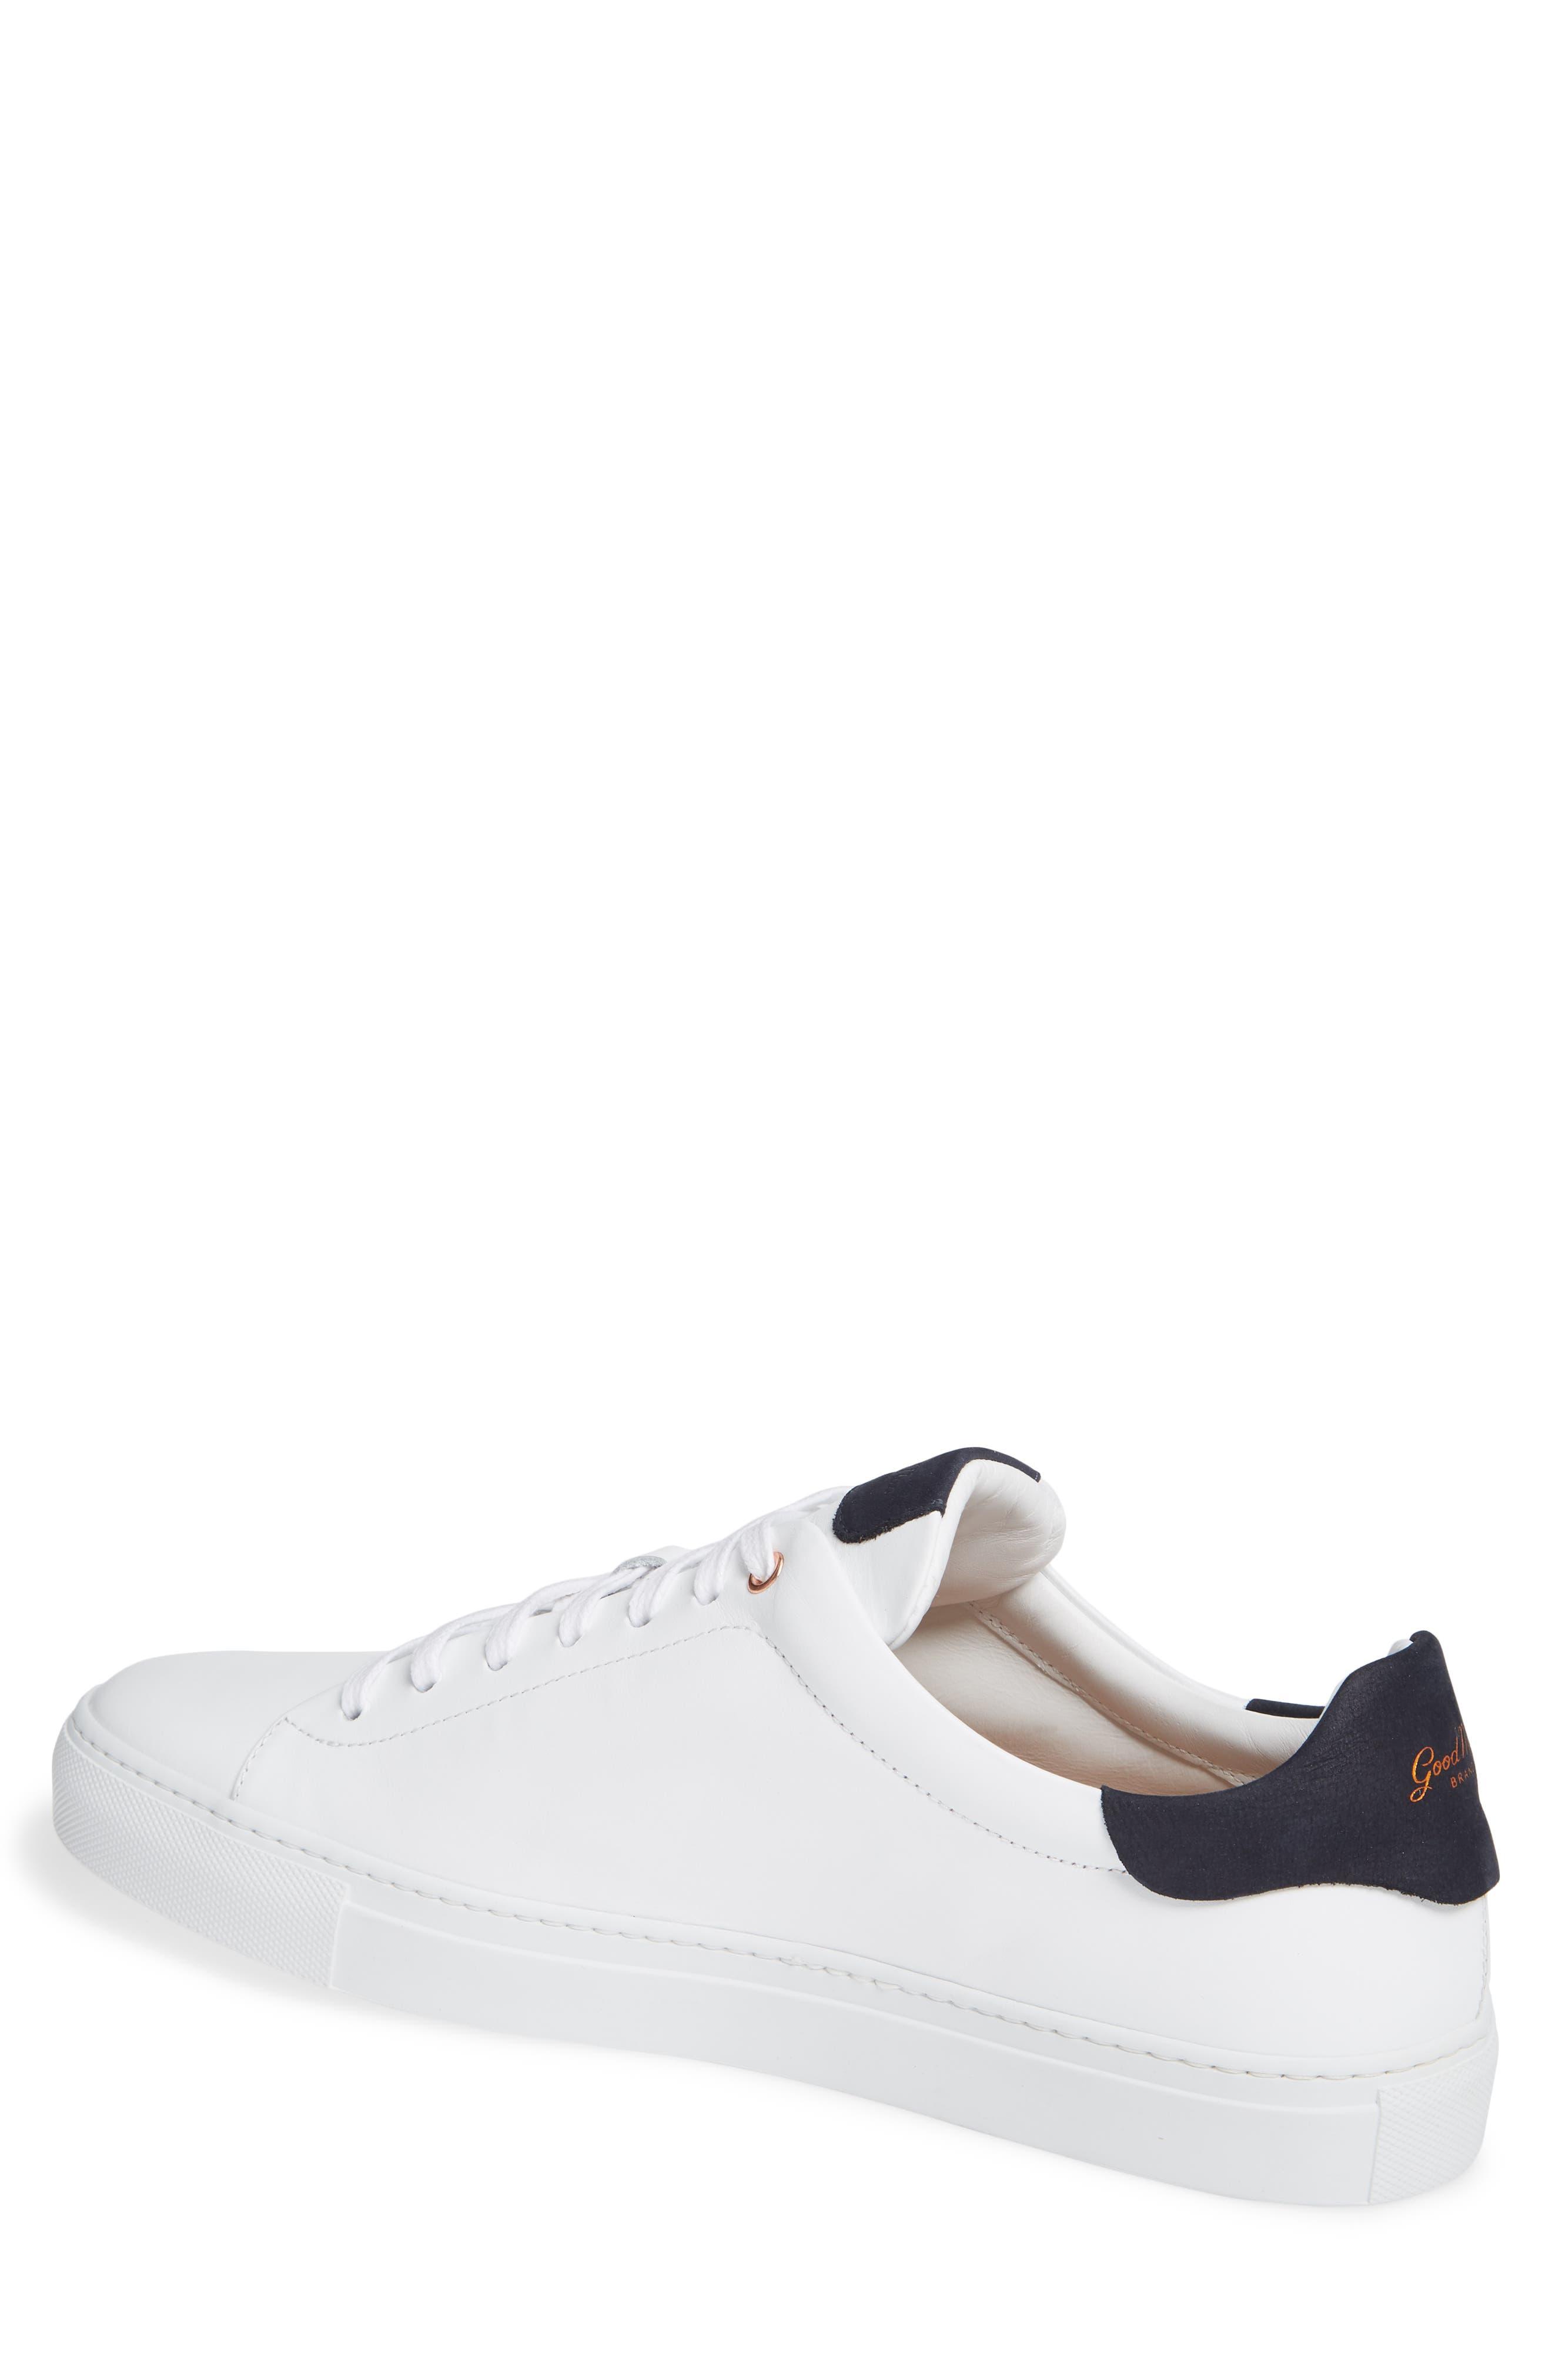 Legend Low Top Sneaker,                             Alternate thumbnail 2, color,                             113